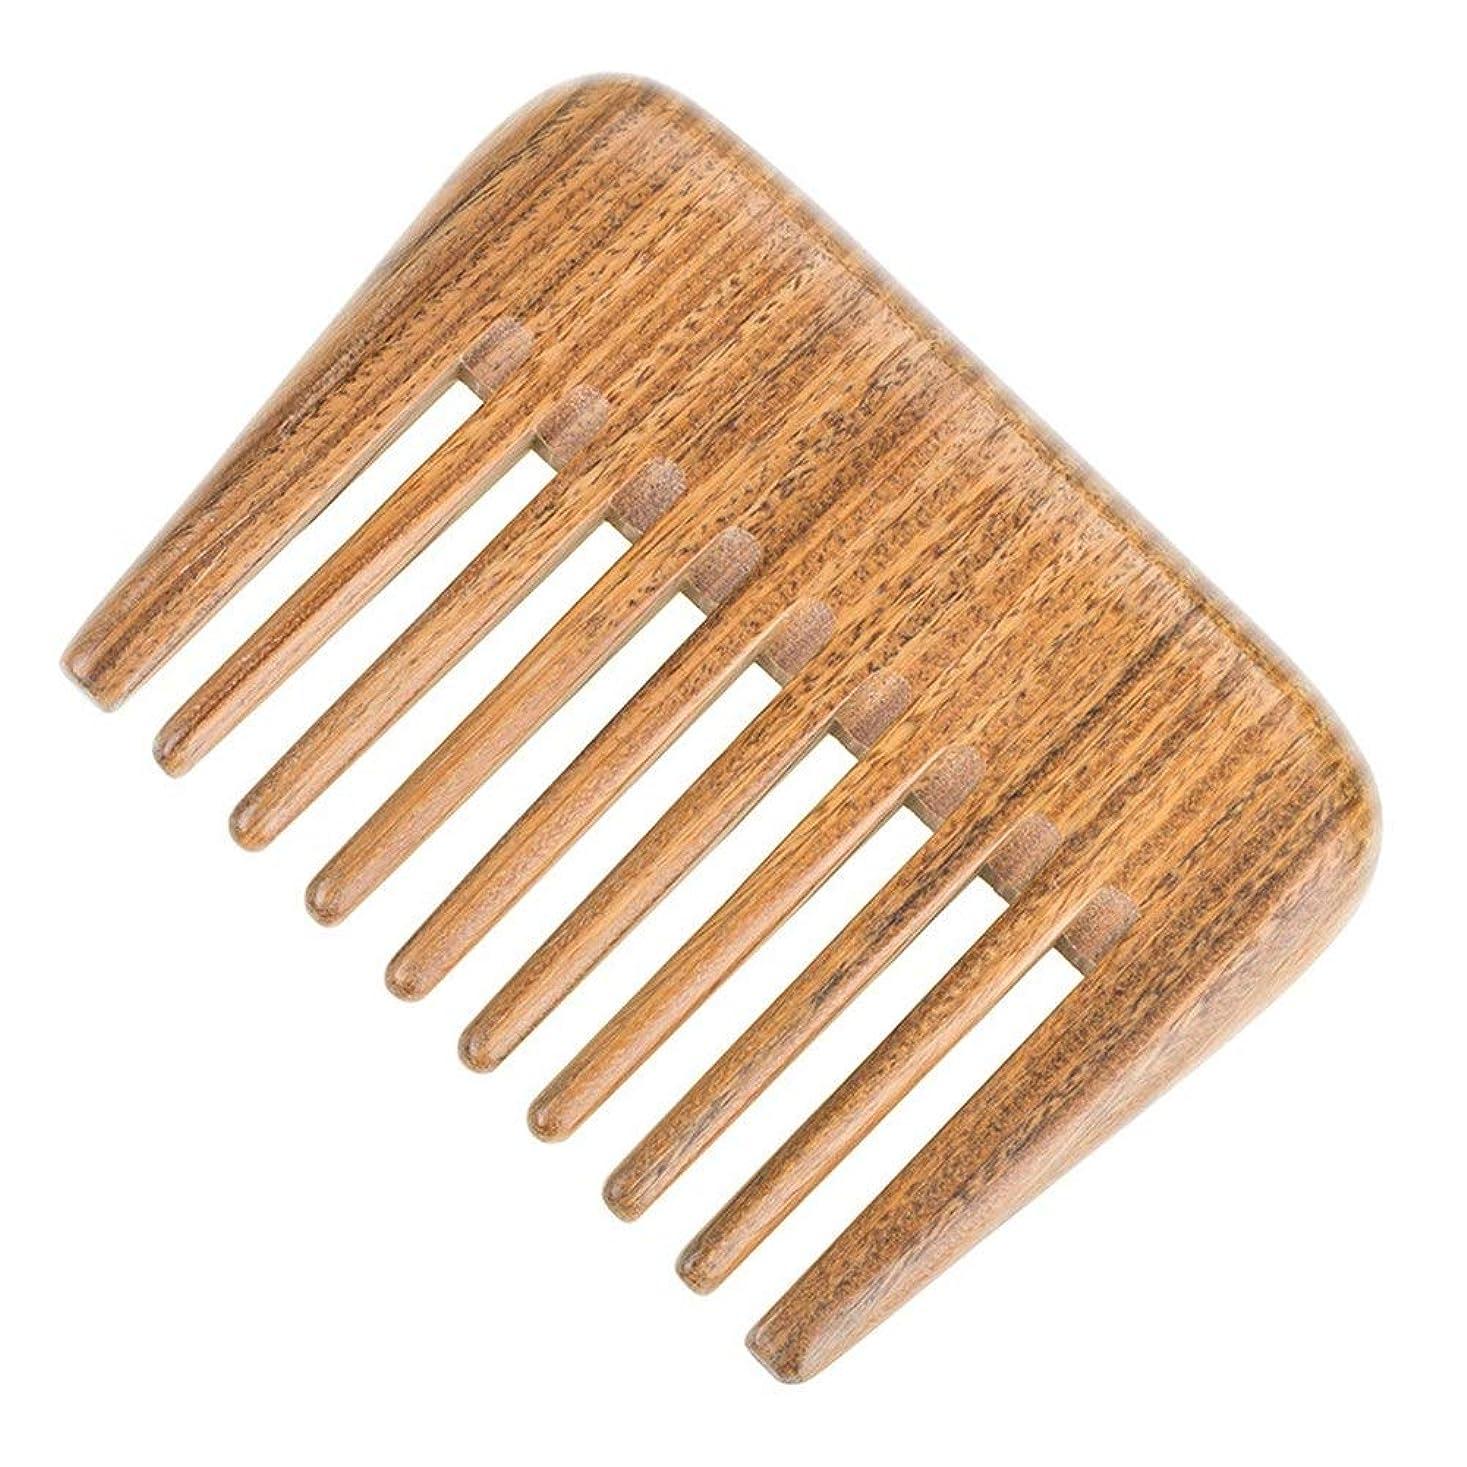 コンドーム促進するコンサートGuomao 巻き毛のもつれを解くためのナチュラルグリーンビャクダンの毛の櫛の木製の櫛(広い歯) (Size : 10*7.5 cm)